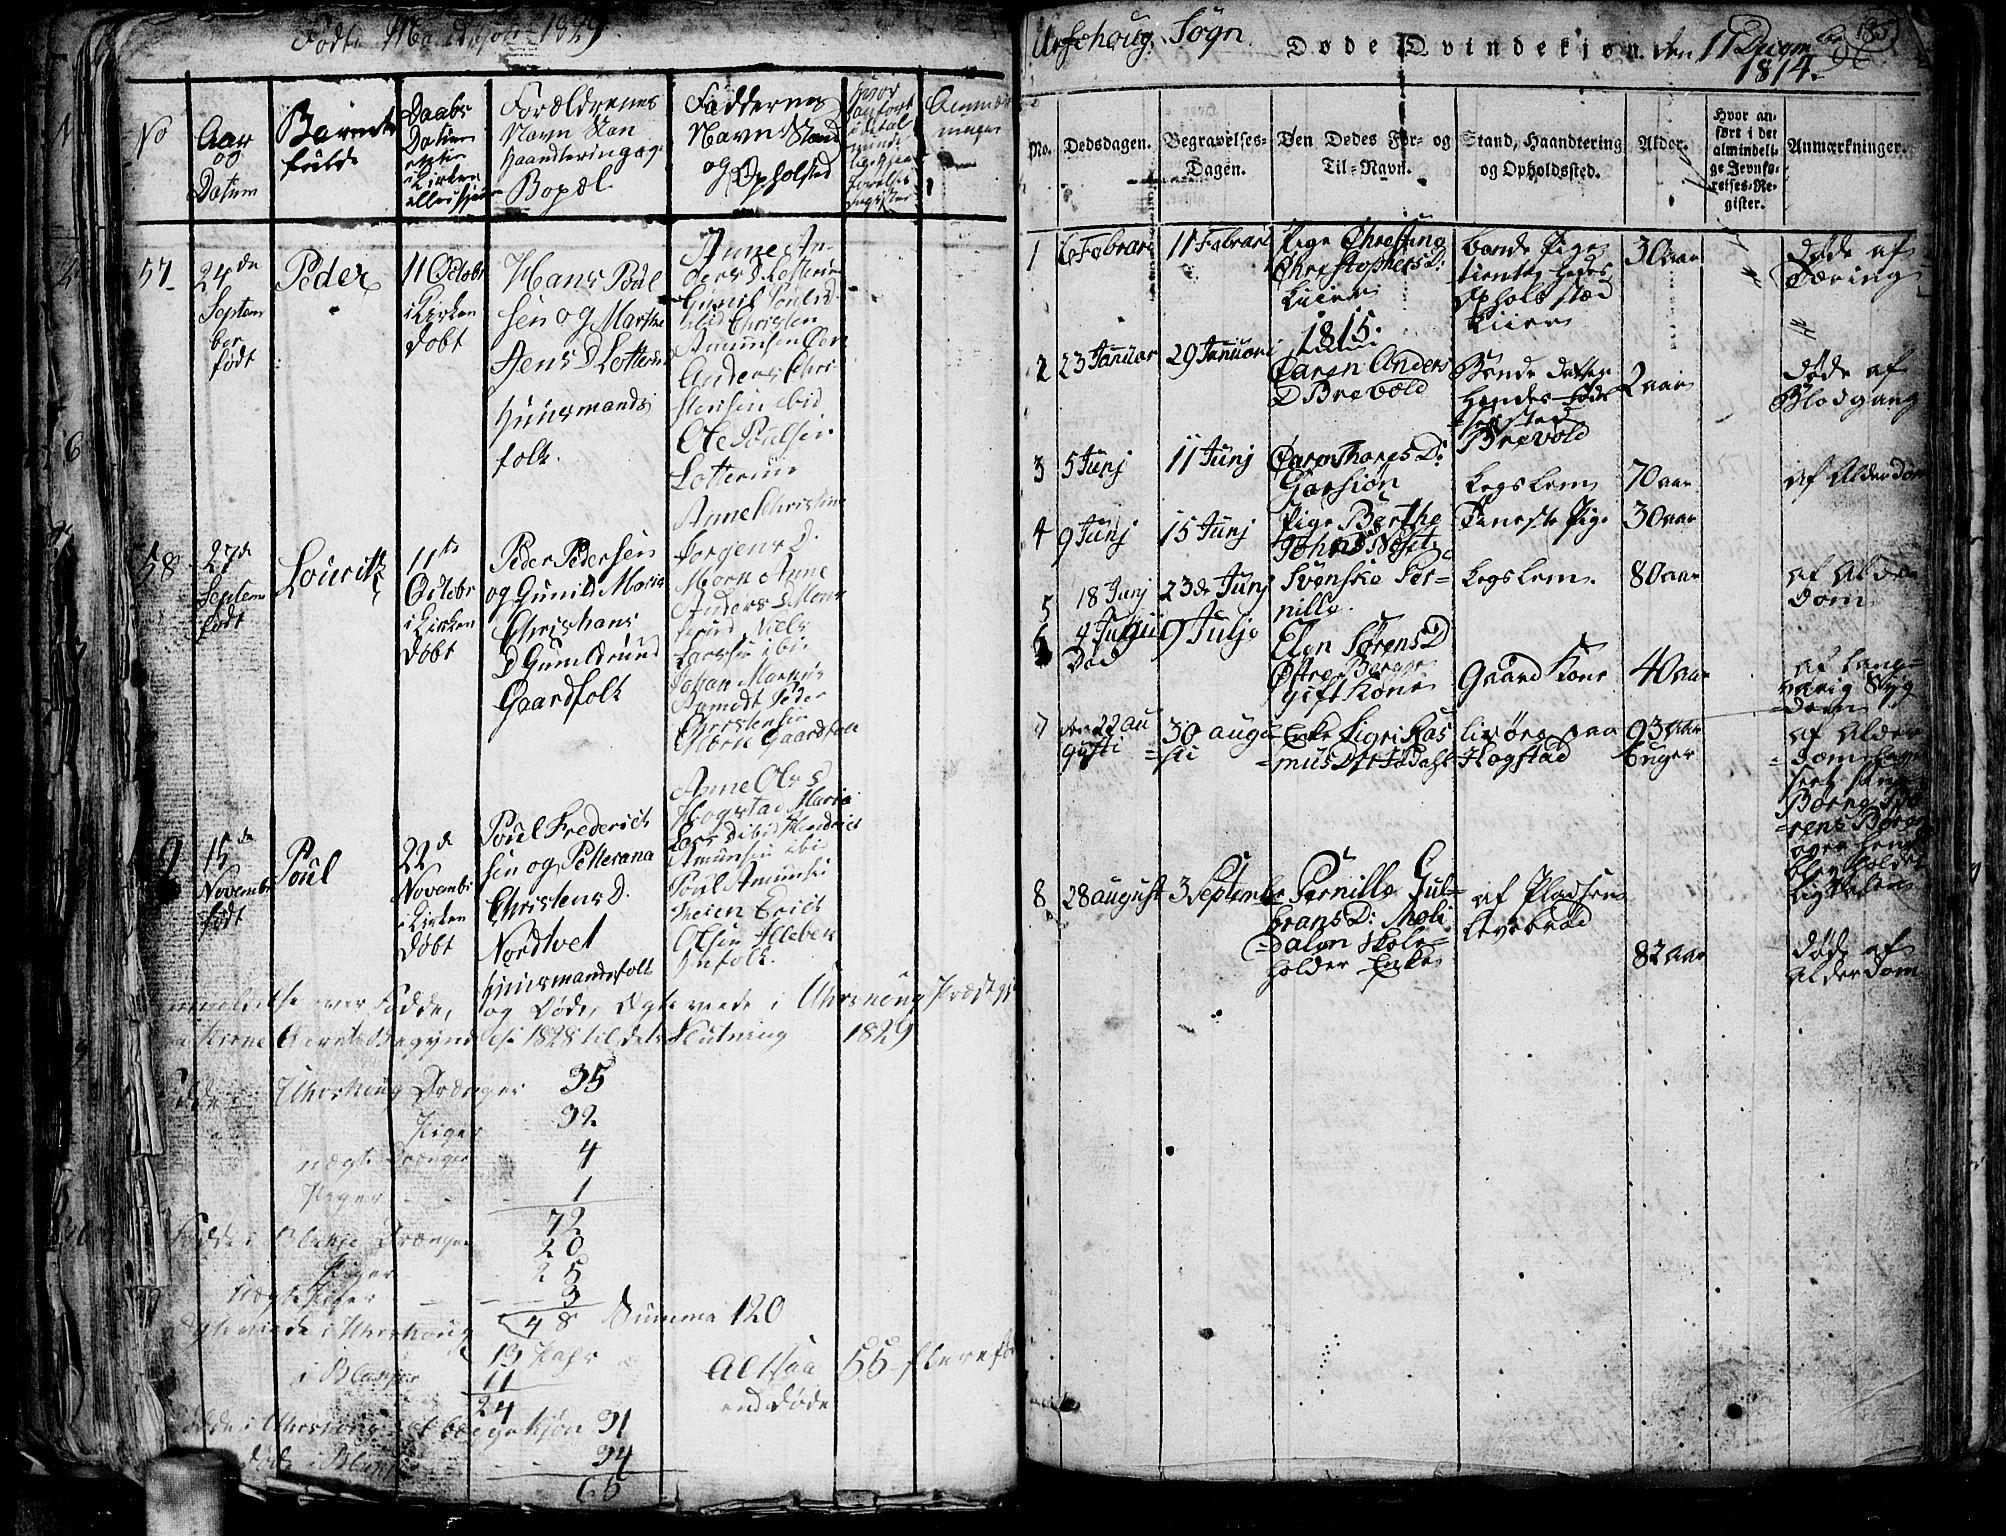 SAO, Aurskog prestekontor Kirkebøker, G/Ga/L0001: Klokkerbok nr. I 1, 1814-1829, s. 185